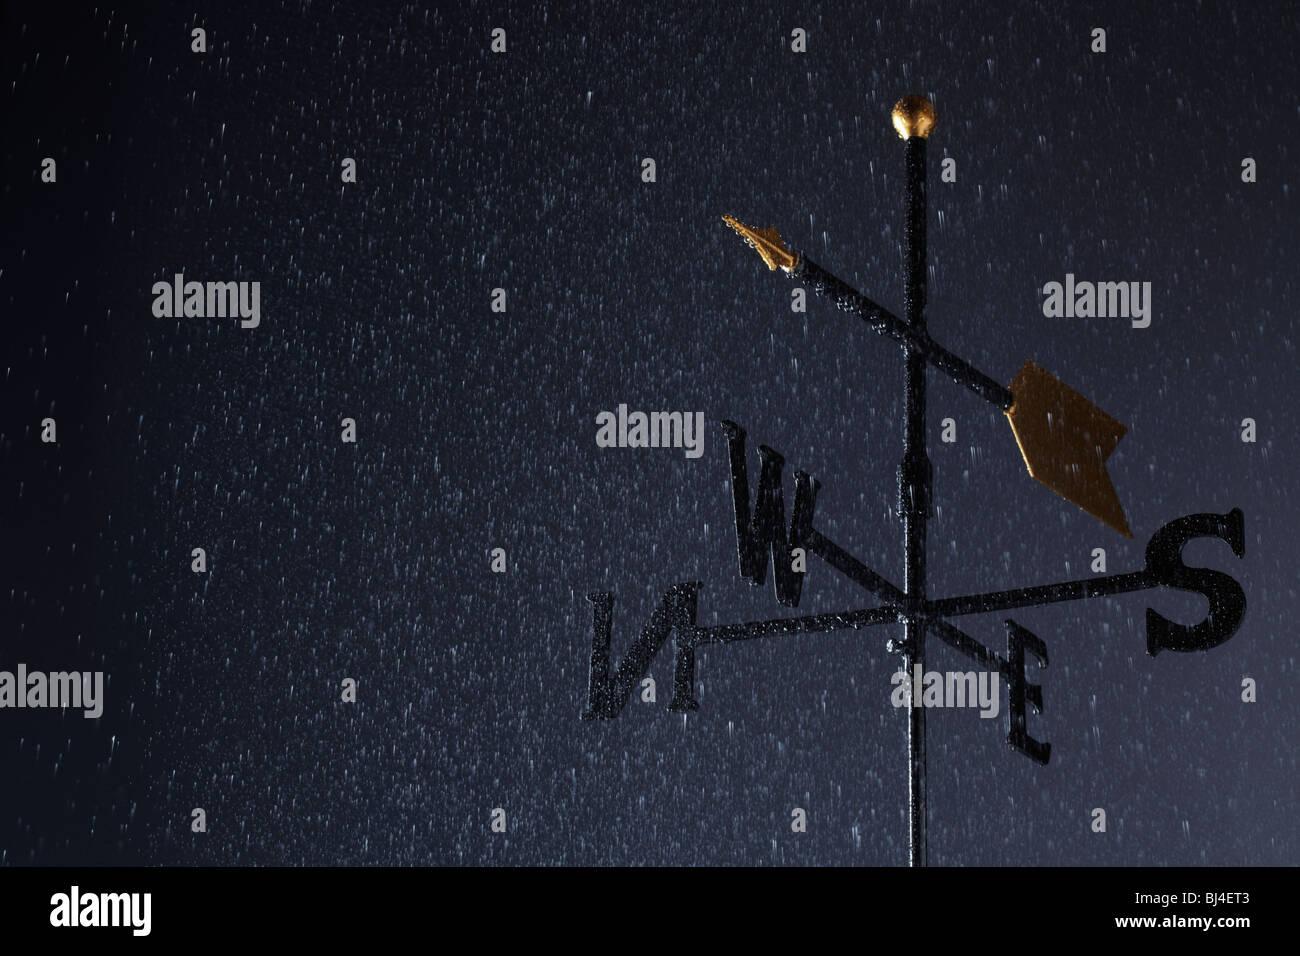 La veleta en forma de lluvia Imagen De Stock